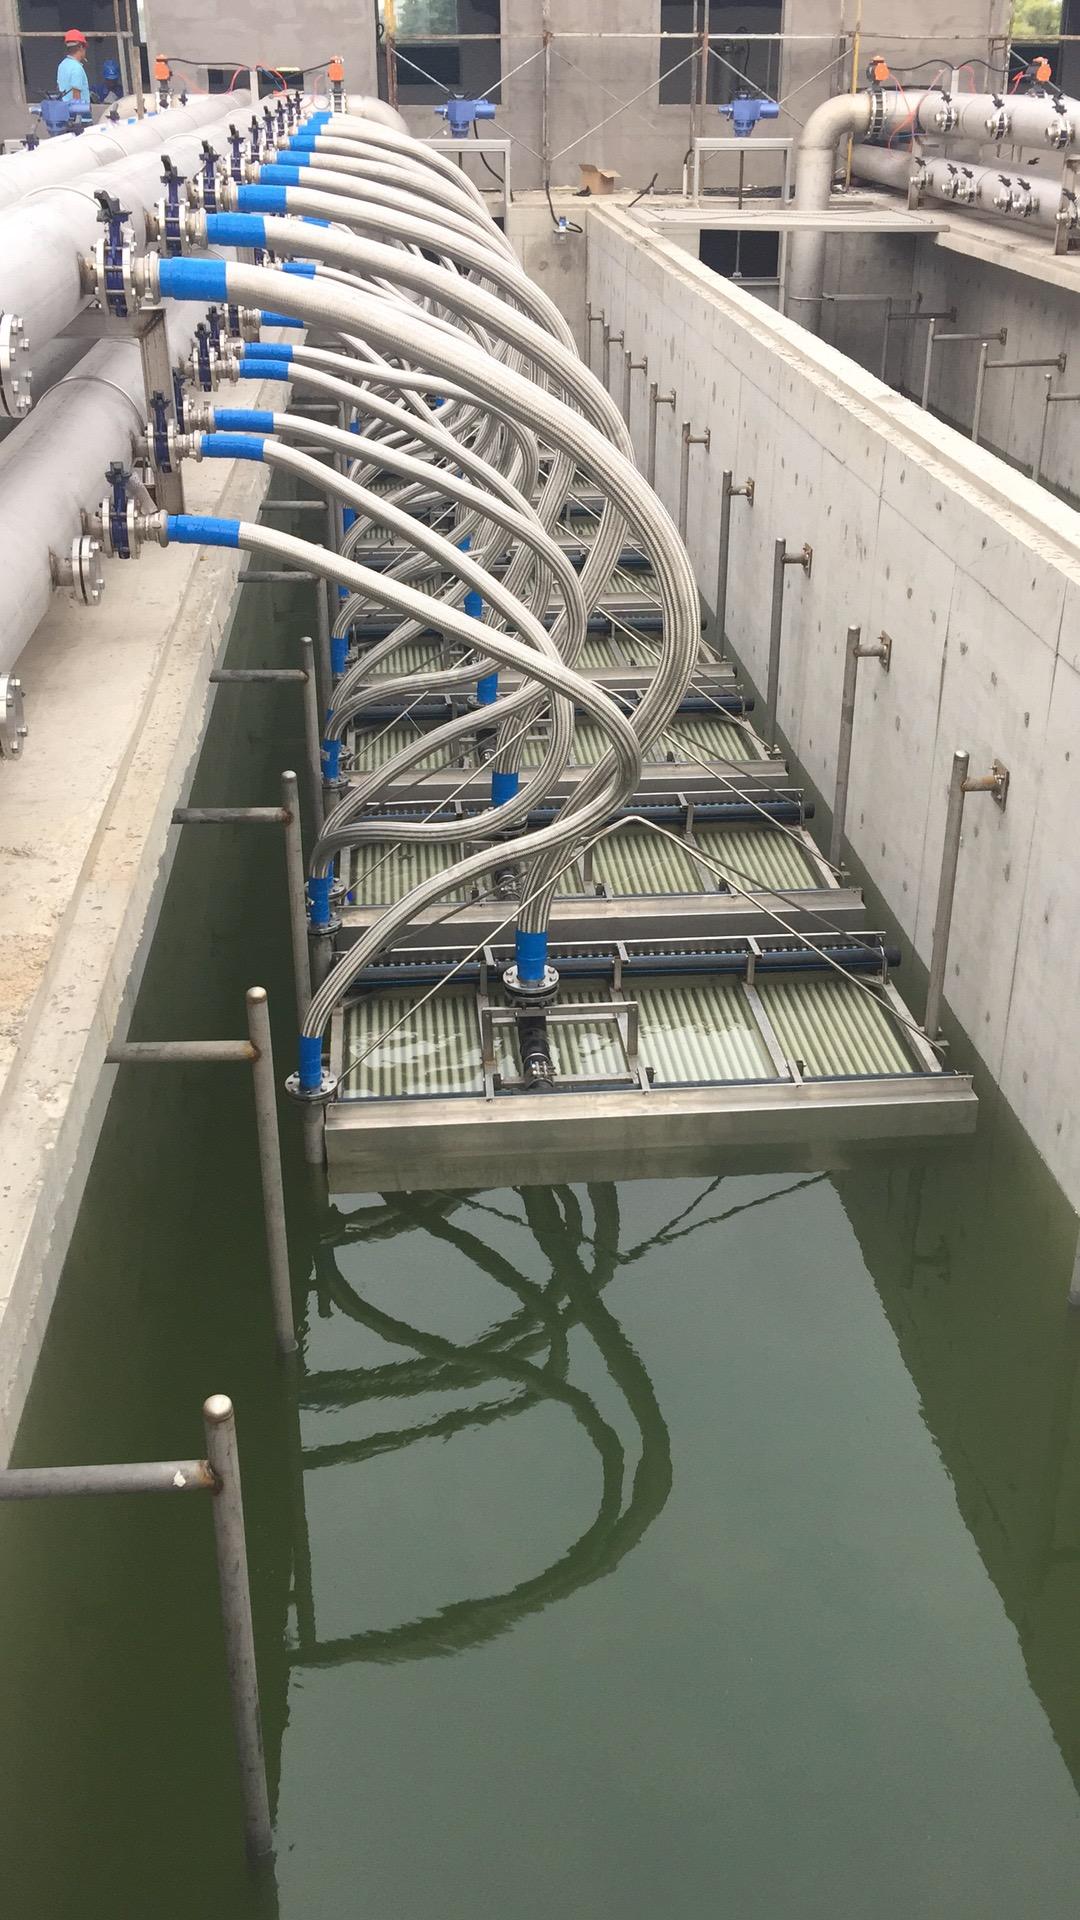 青岛城阳城区污水处理厂15万吨/日的污水处理项目